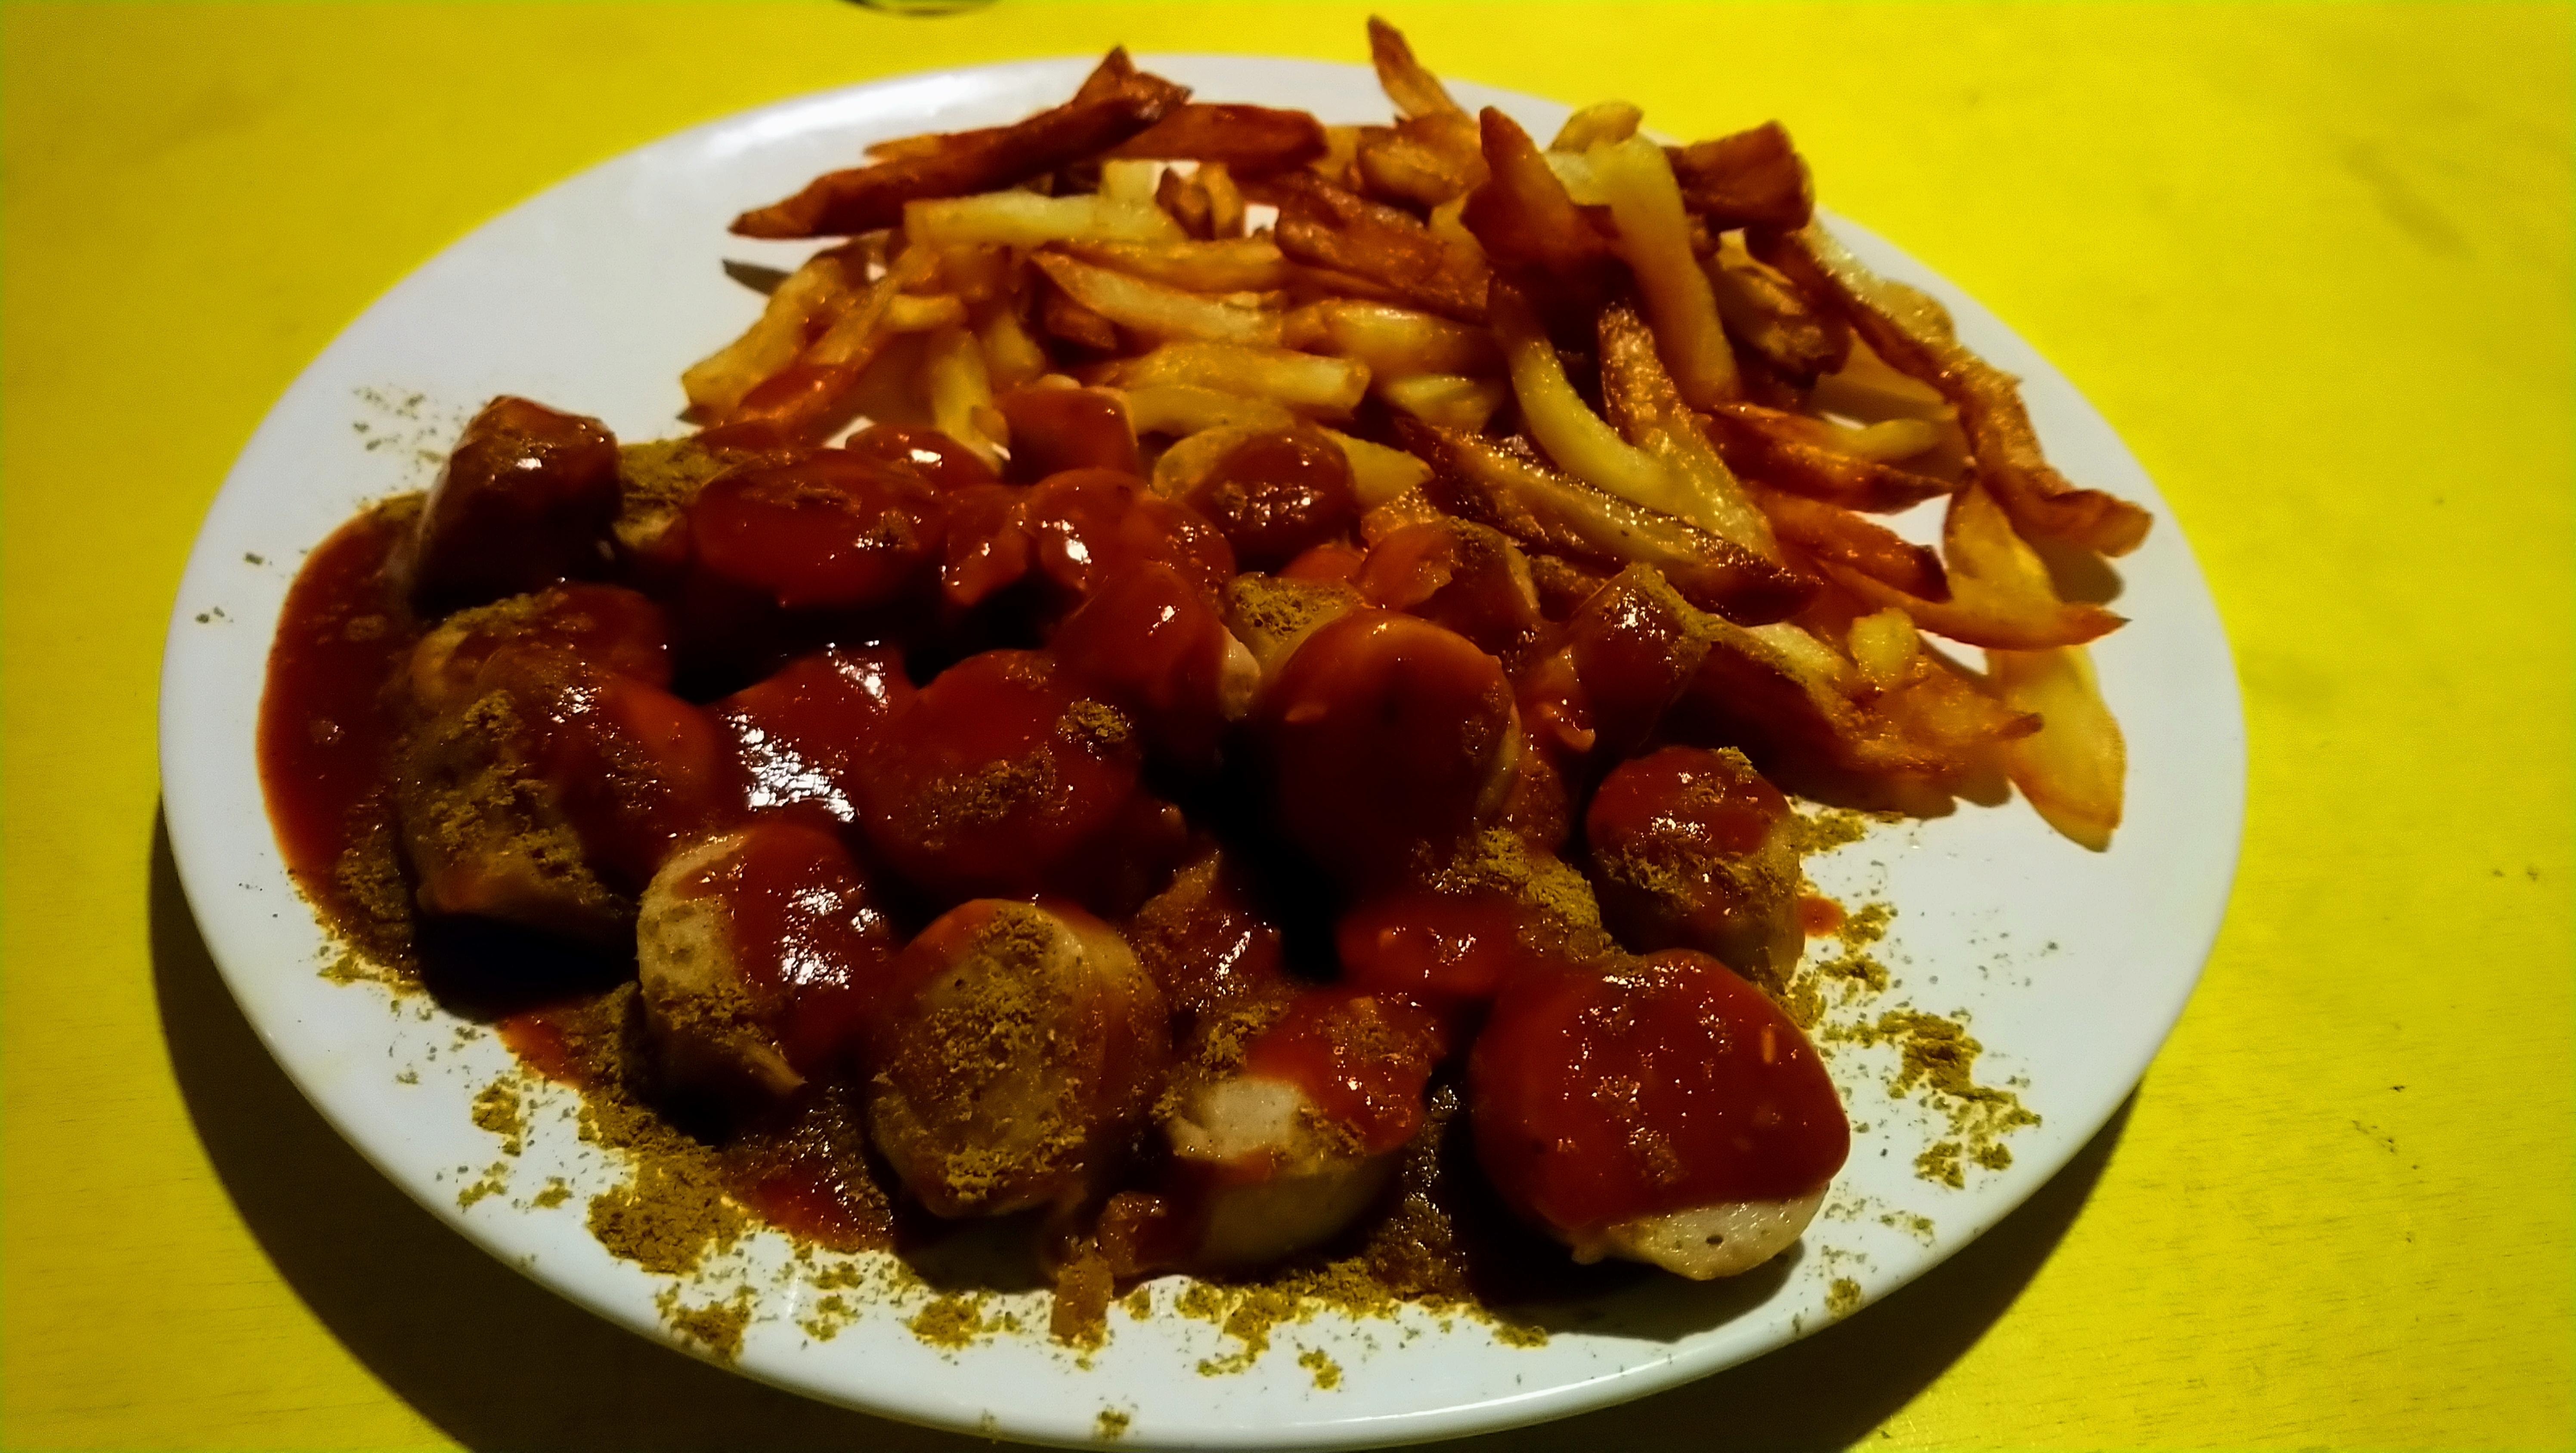 La recette de la Currywurst (saucisse allemande au curry), façon Ruhr